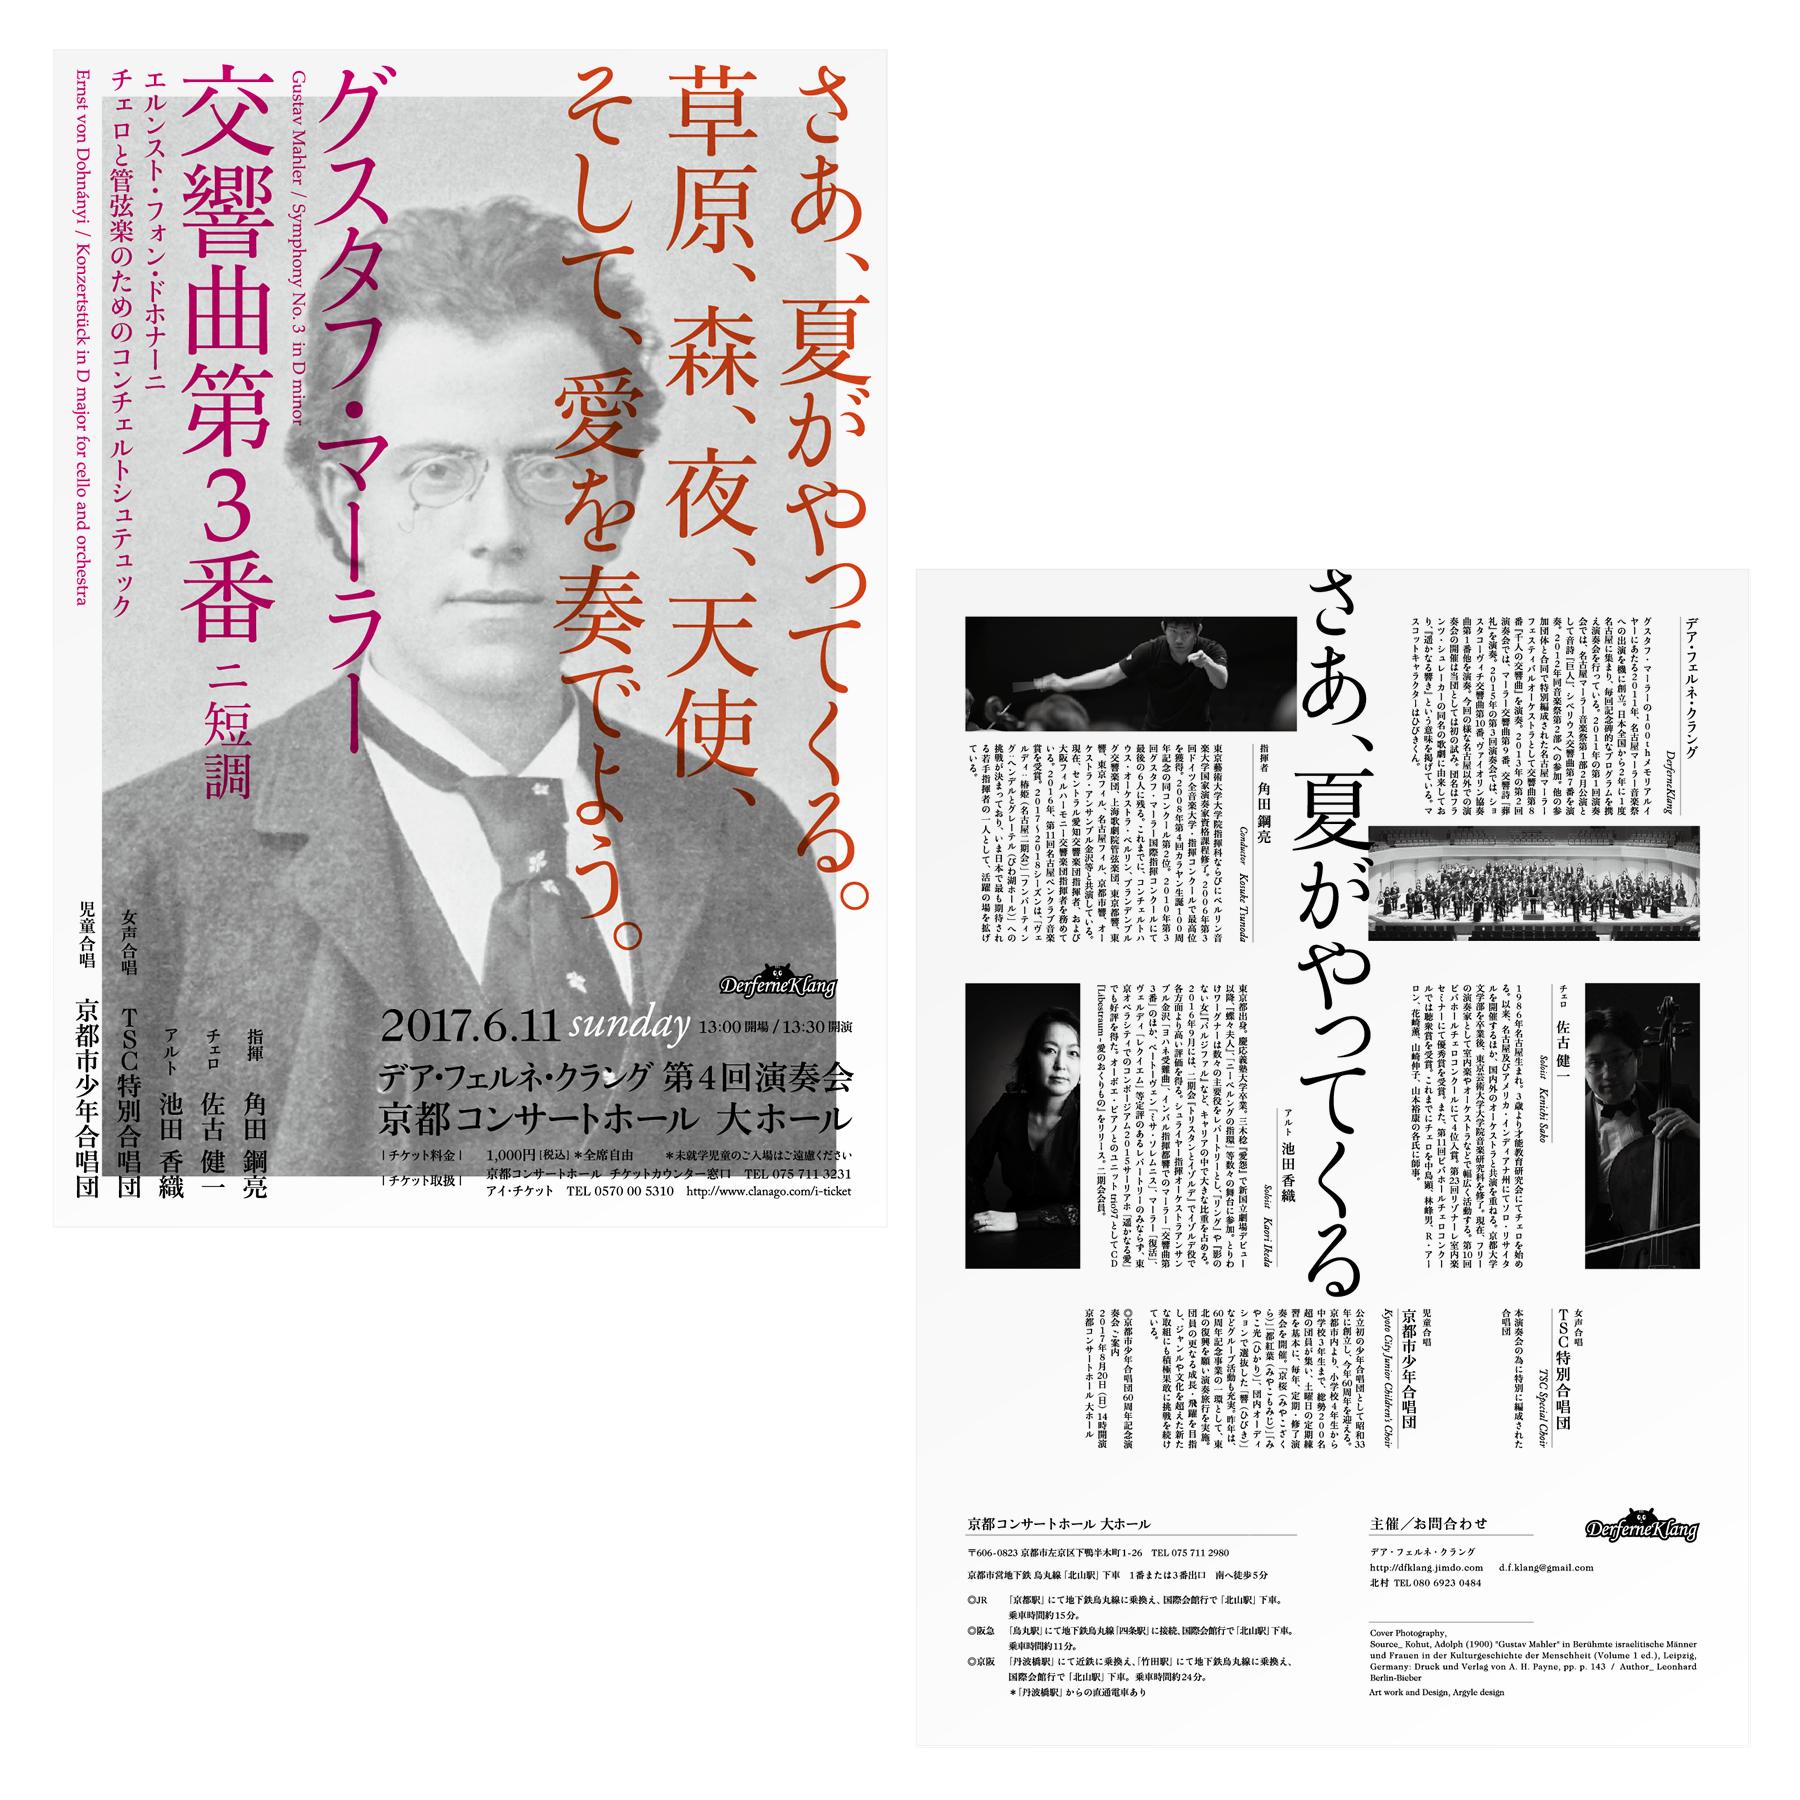 Der ferne Klang|4th Concert – 京都コンサートホール 大ホール|クラシック音楽|グラフィックデザイン コピー プログラム フライヤー